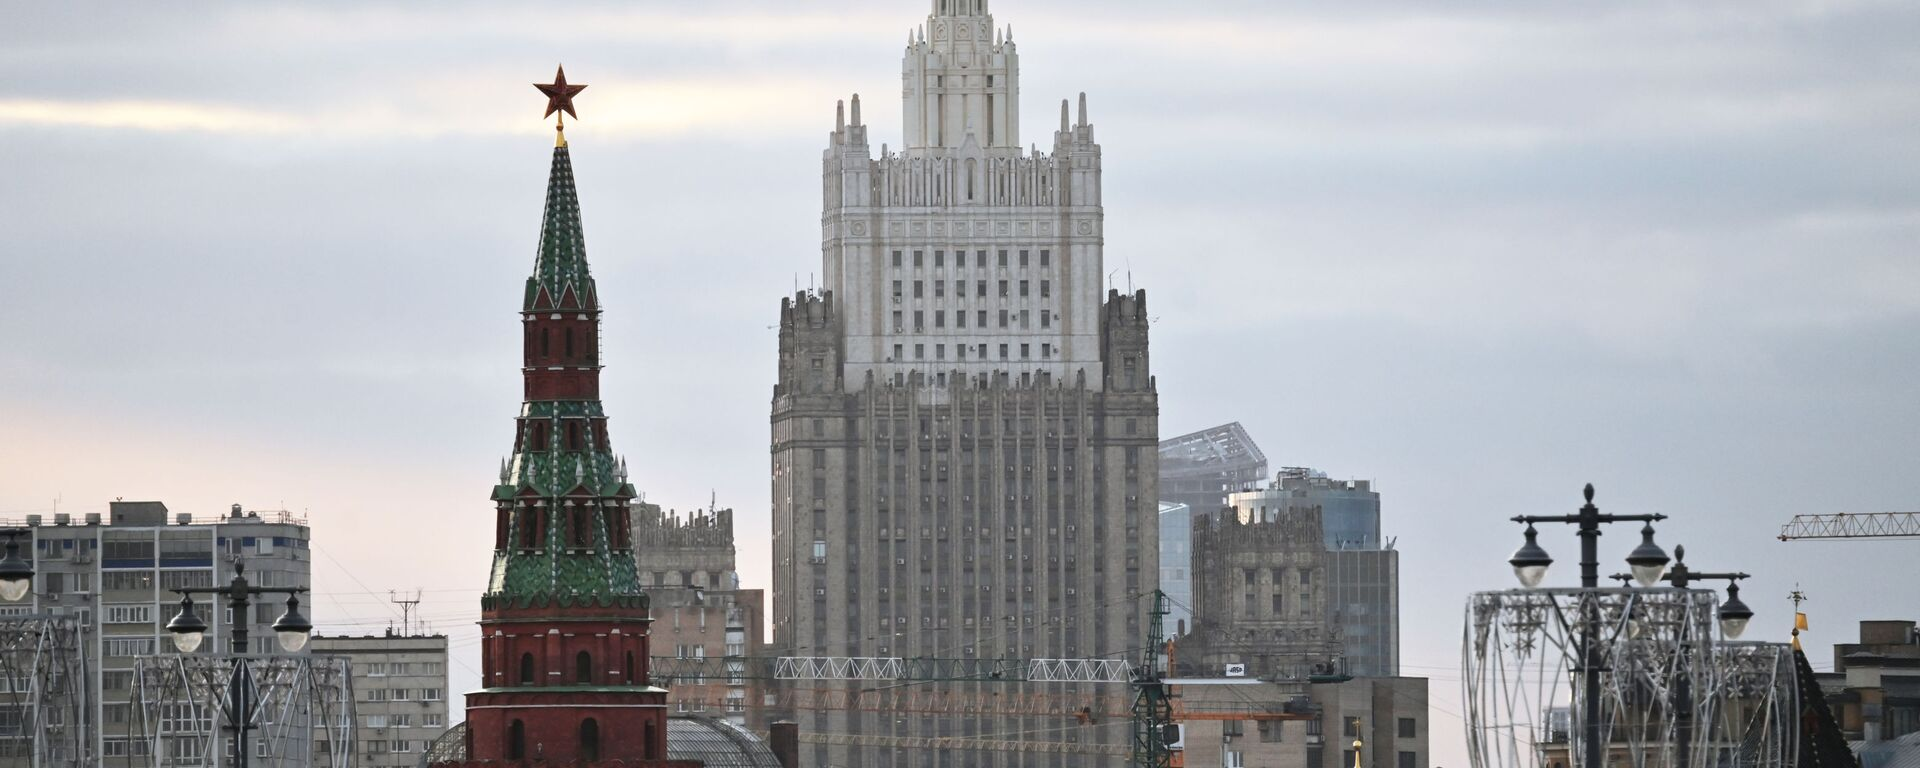 MZV Ruska - Sputnik Česká republika, 1920, 18.04.2021